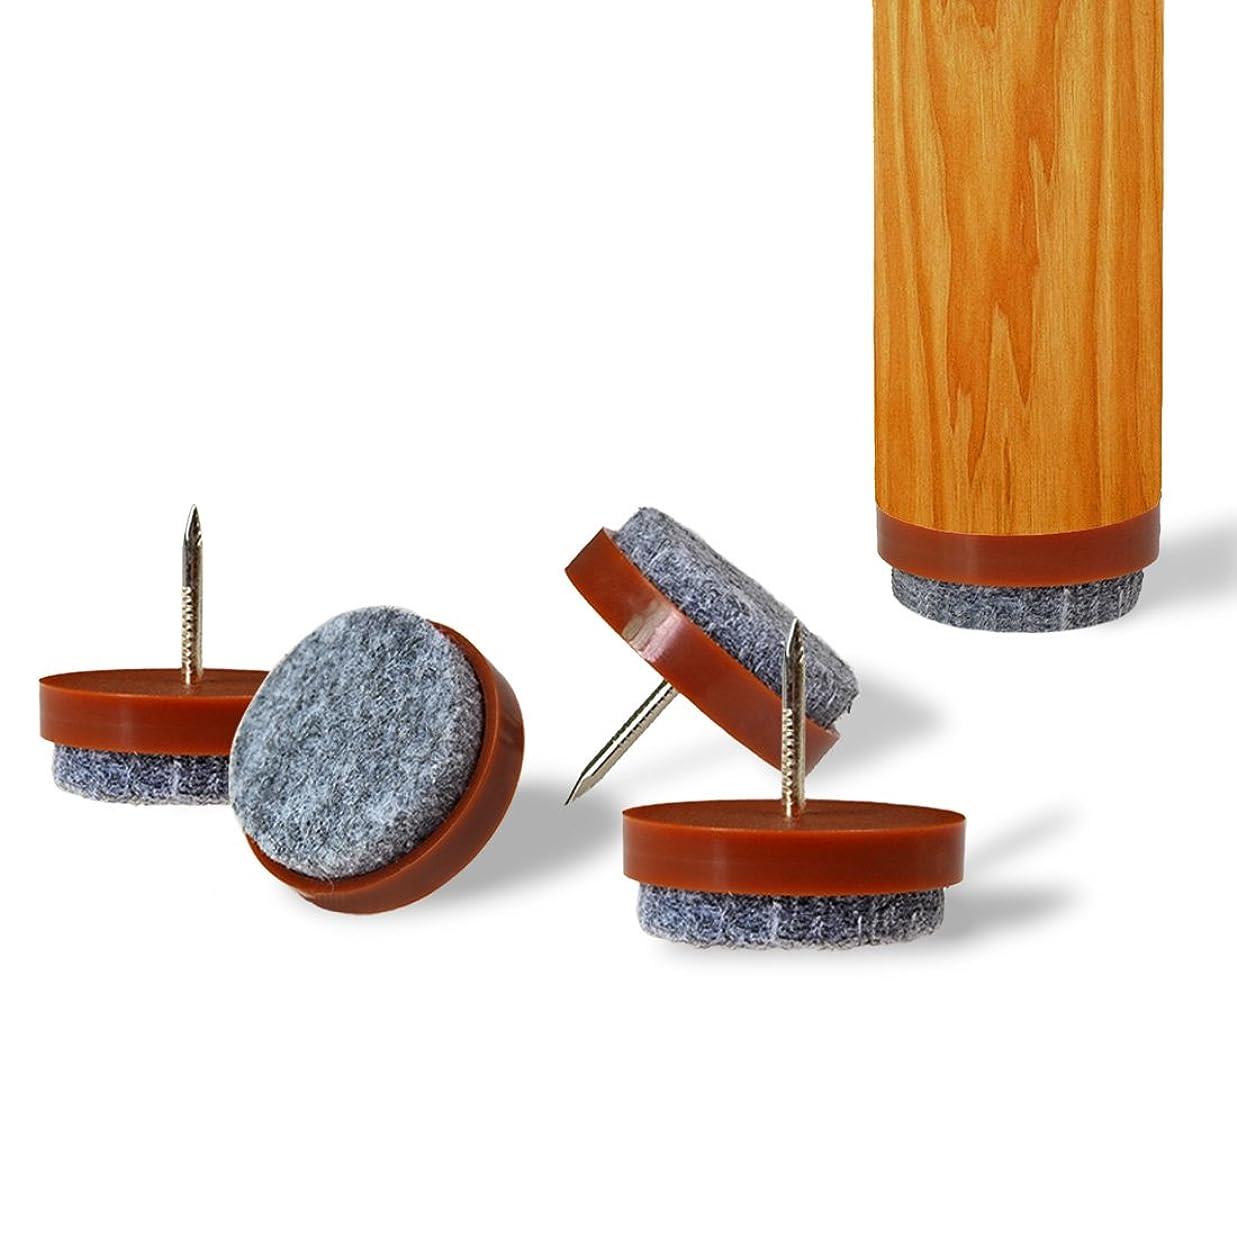 プロペラ責め租界フェルトパッド22mm 家具滑り止め フロアプロテクター 椅子、スツール&テーブル用(褐色 24個入り)